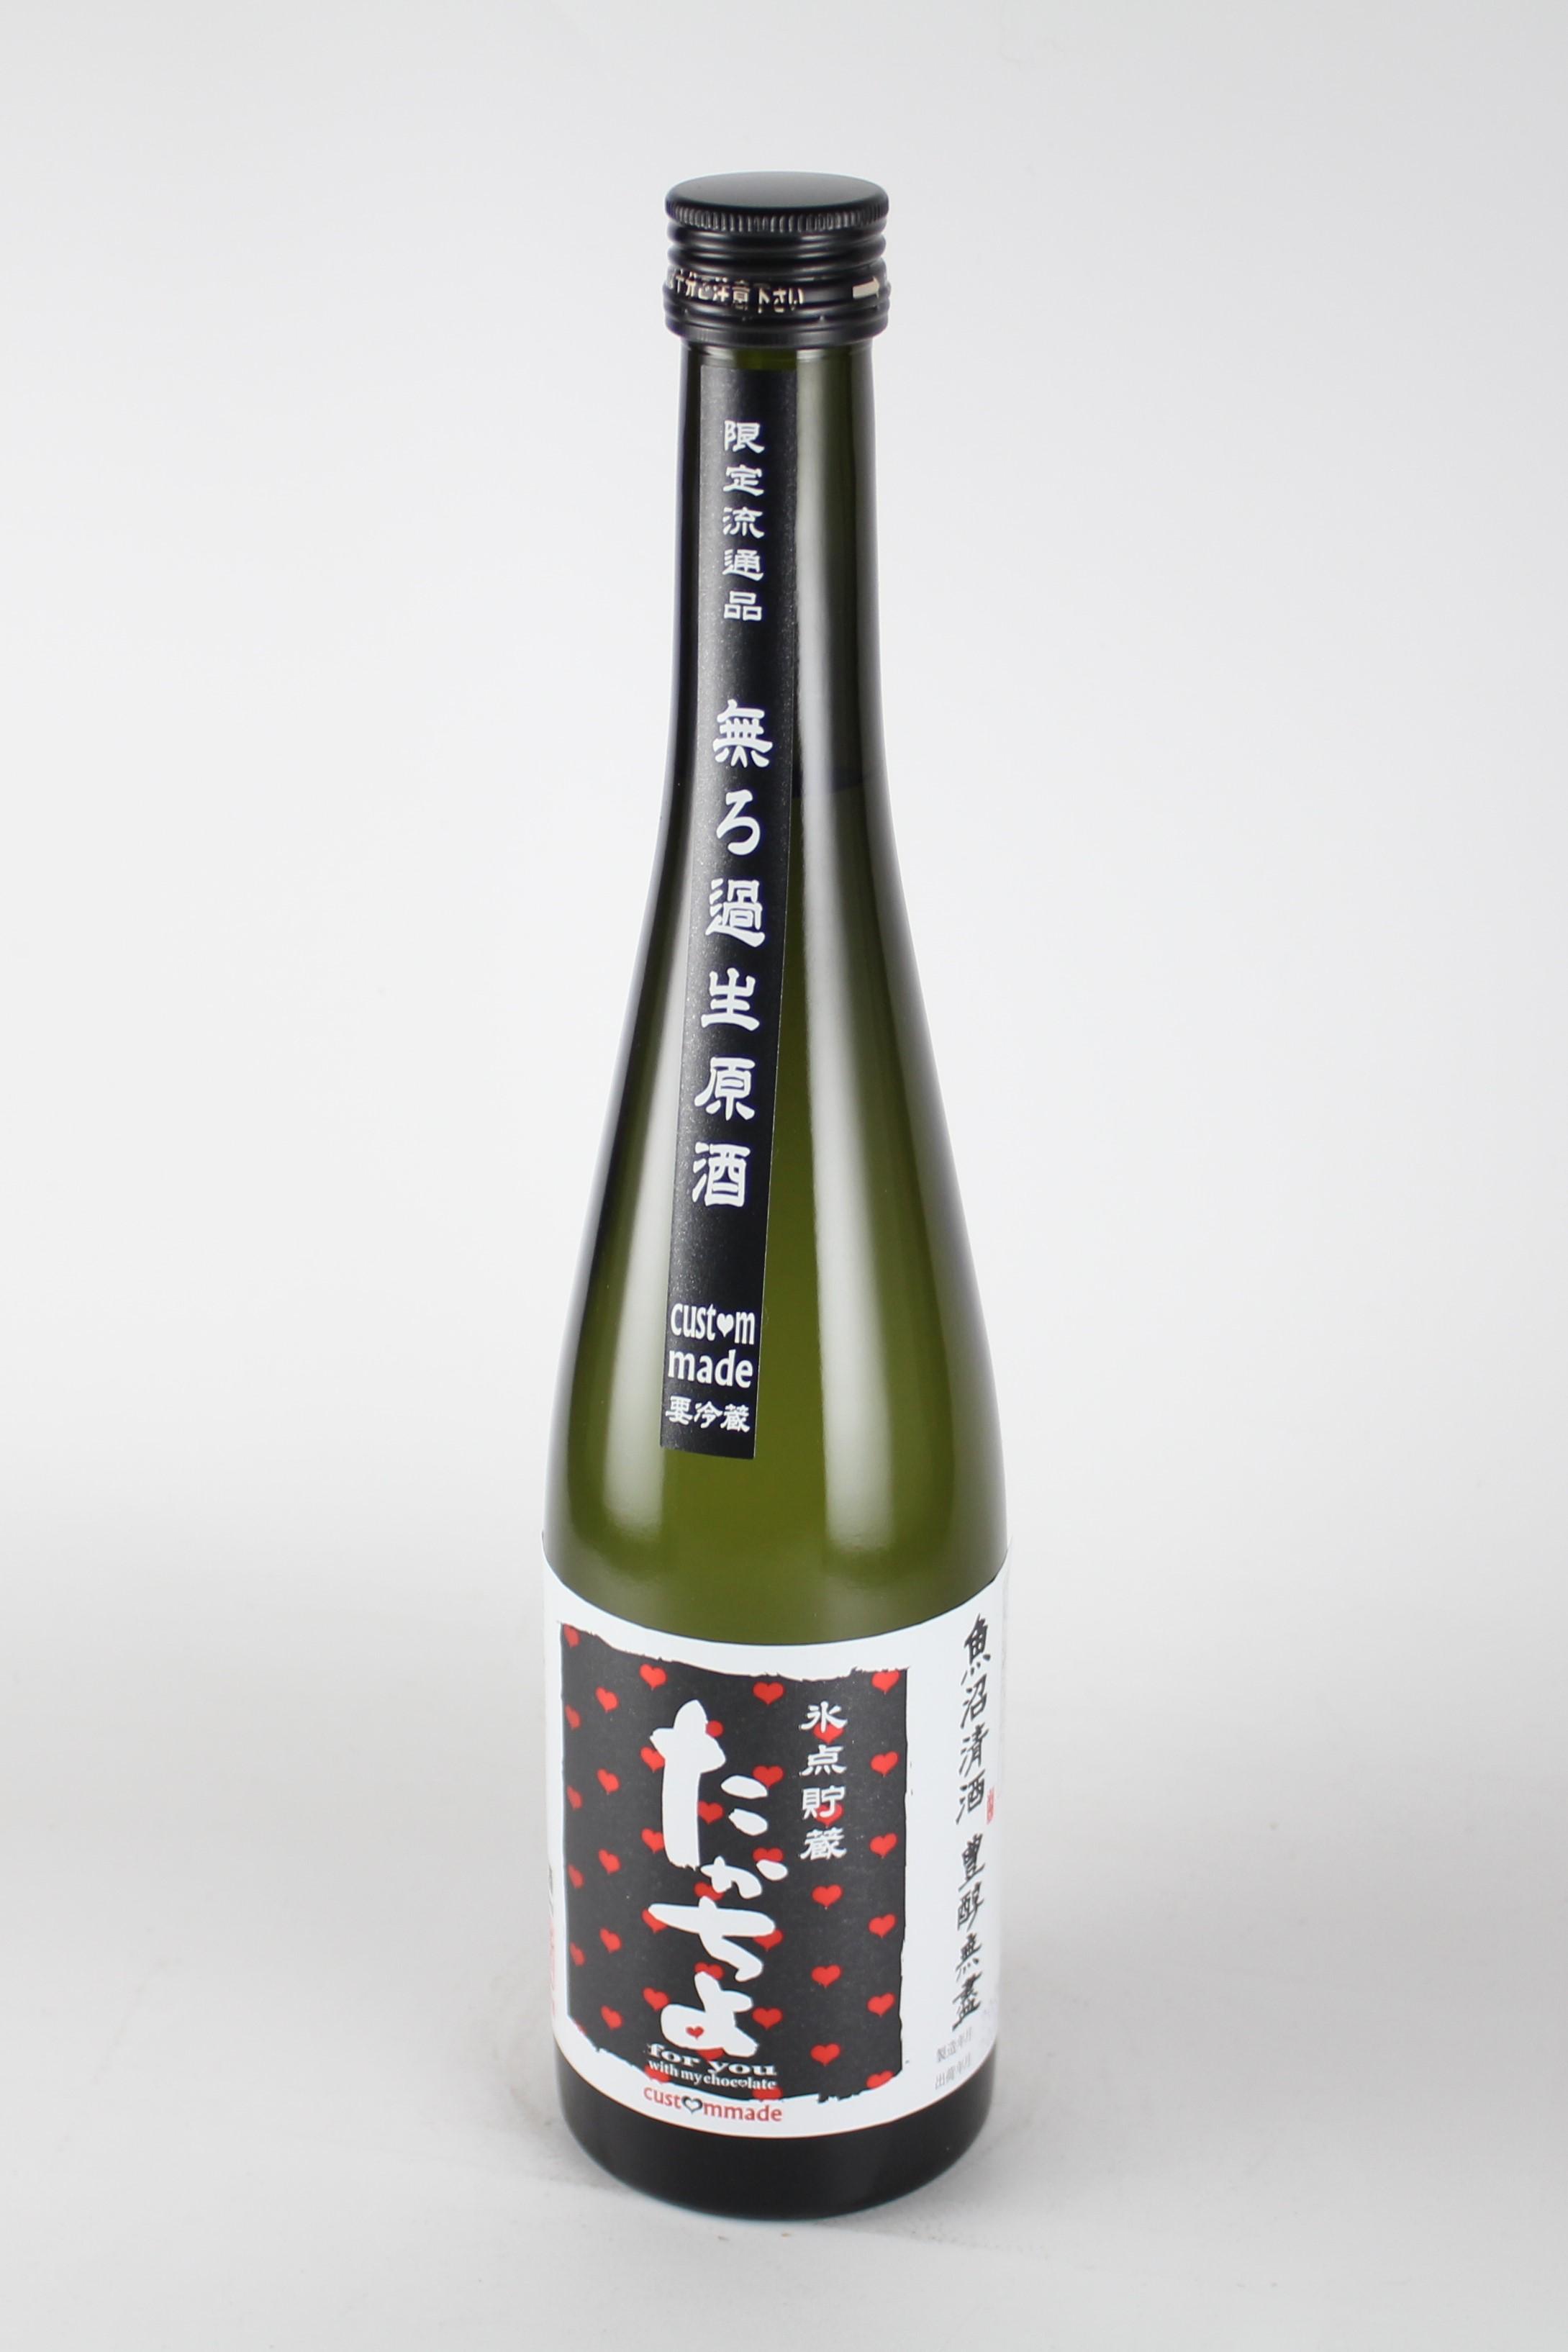 豊醇無盡たかちよ CUSTOM MADE VALENTINE 無調整生原酒 500ml 【新潟/高千代酒造】